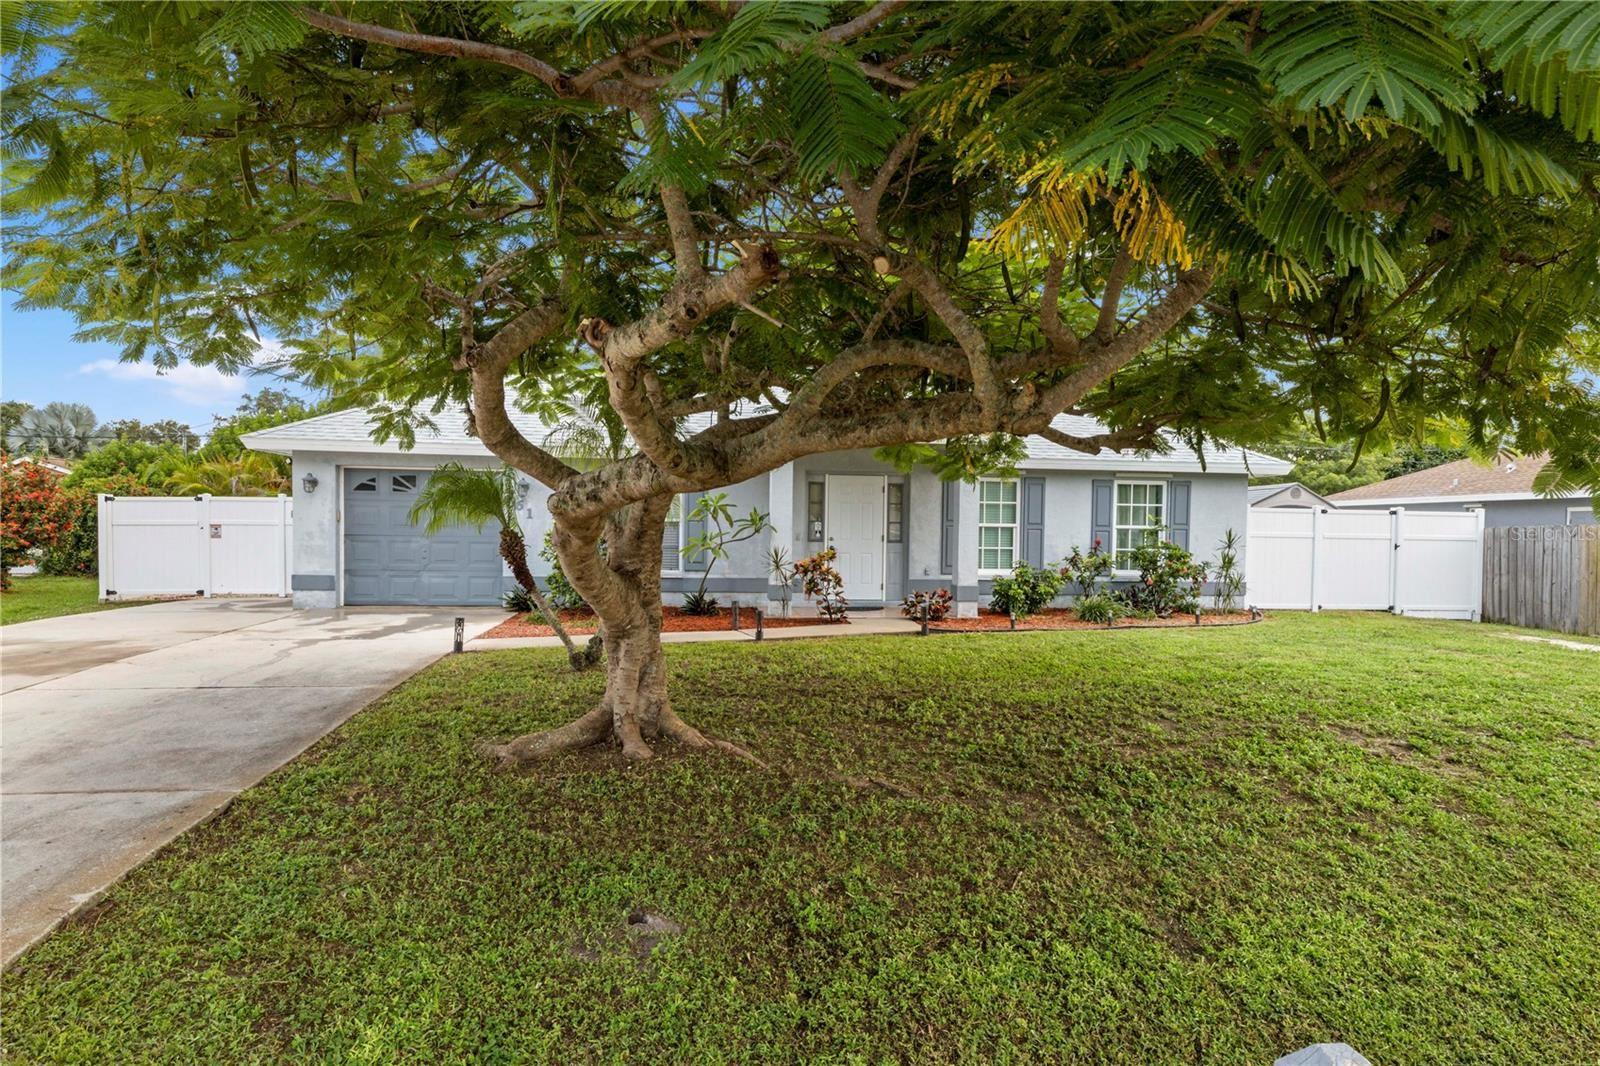 Photo of 561 CYPRESS ROAD, VENICE, FL 34293 (MLS # A4512813)